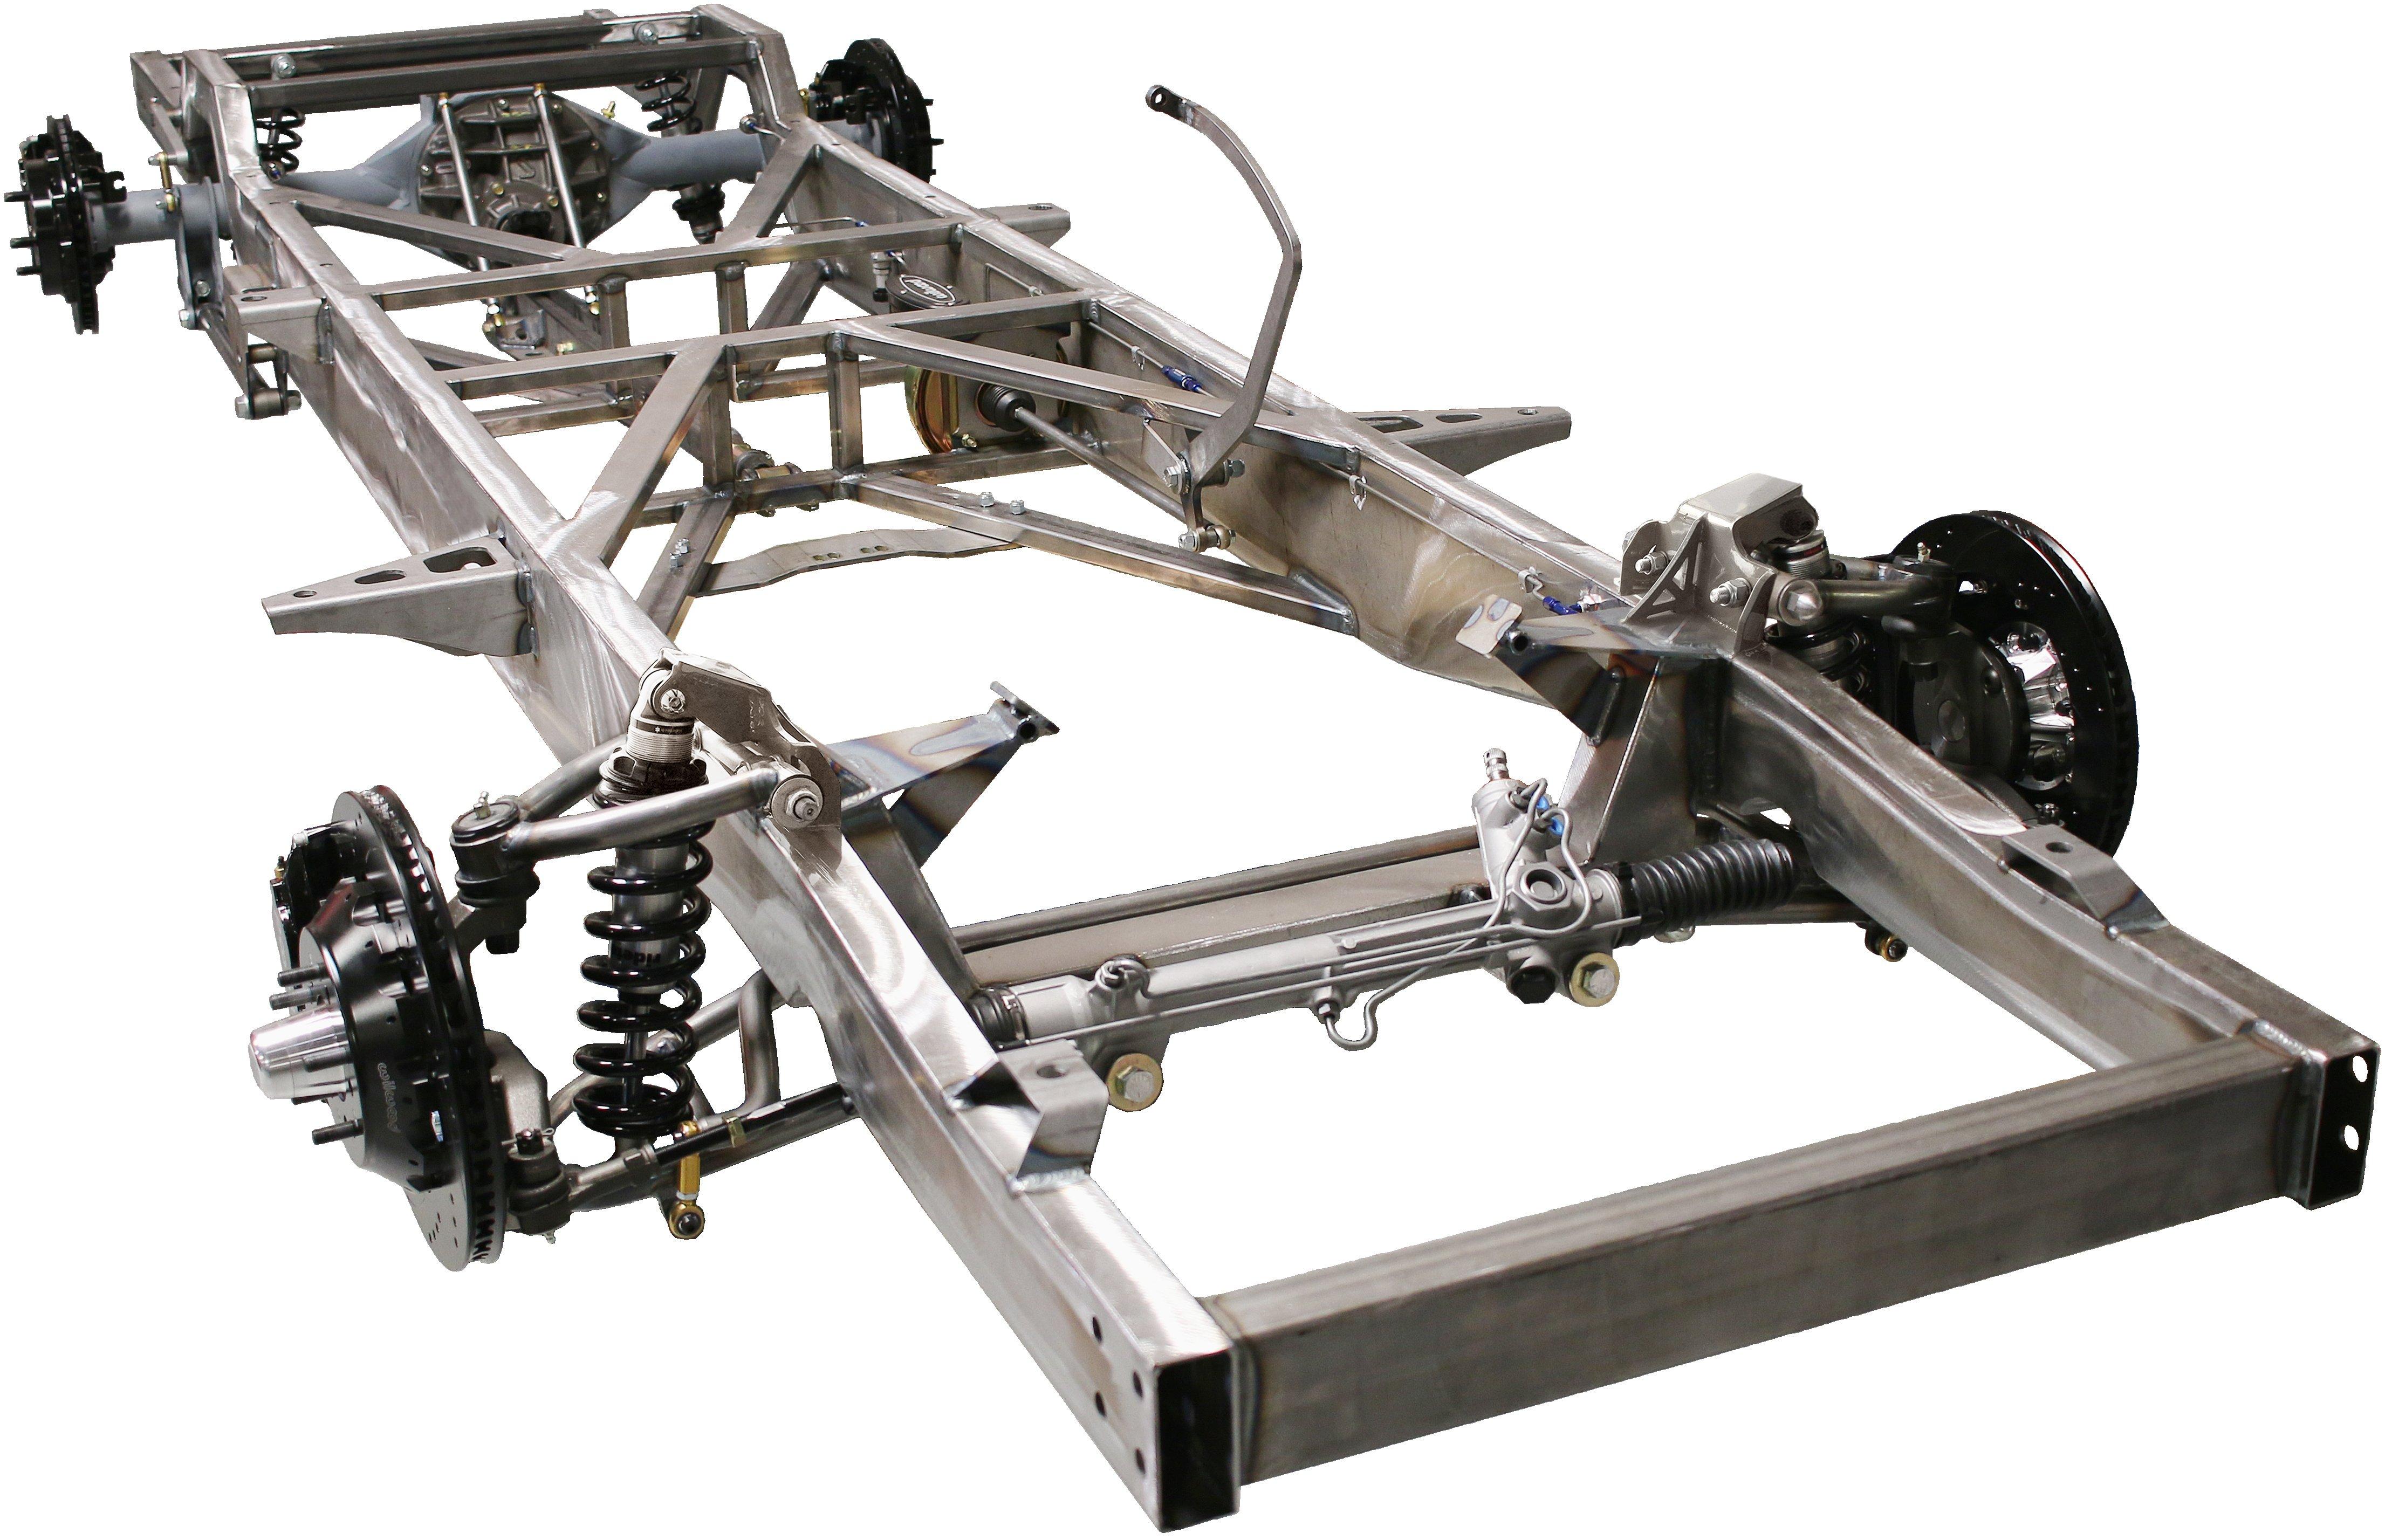 Schwartz Performance Talks G-Machine Chassis Tech